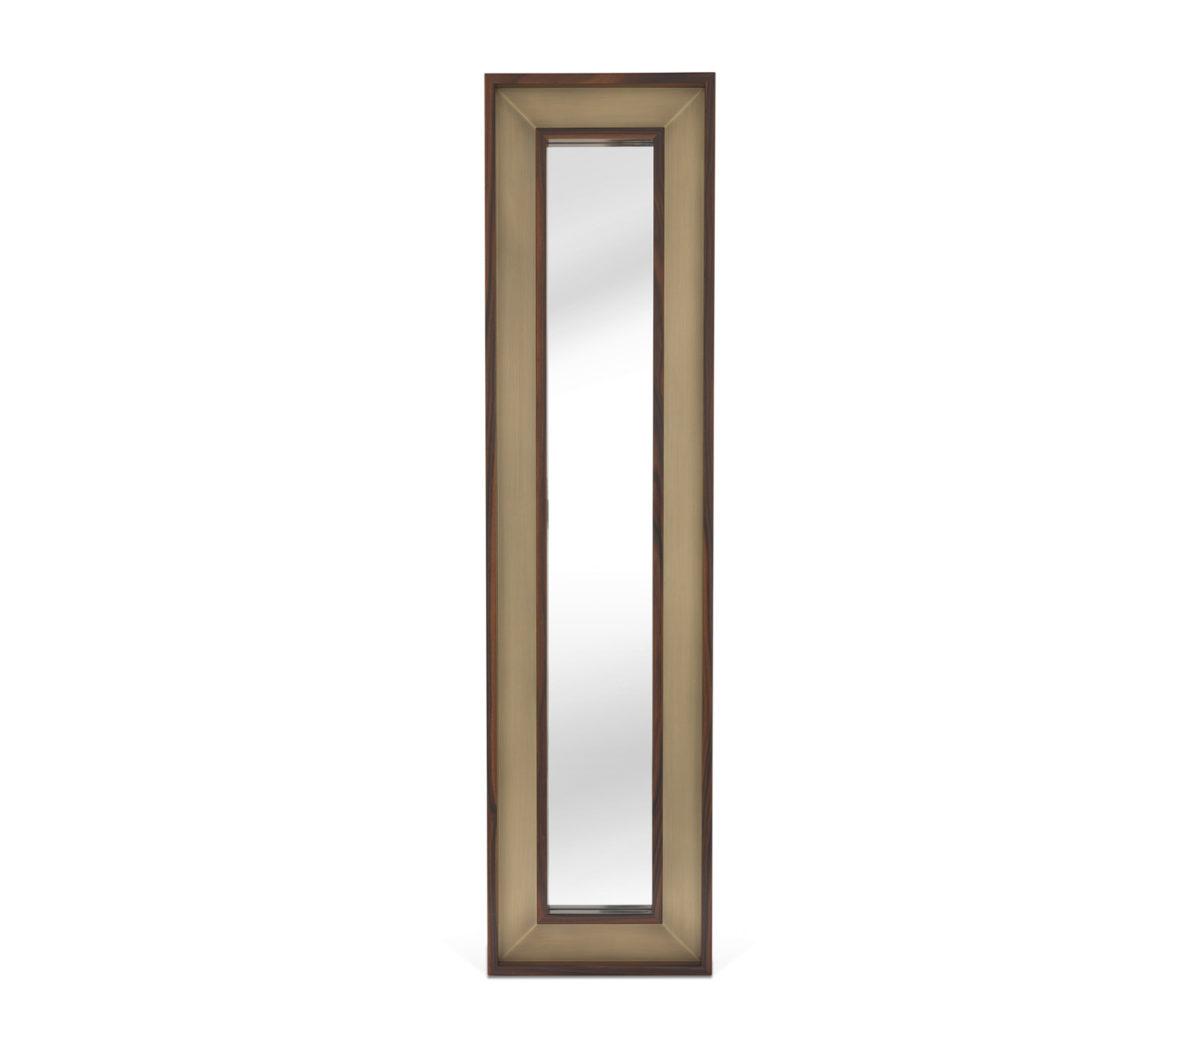 Gfh Edin Mirror 02 M